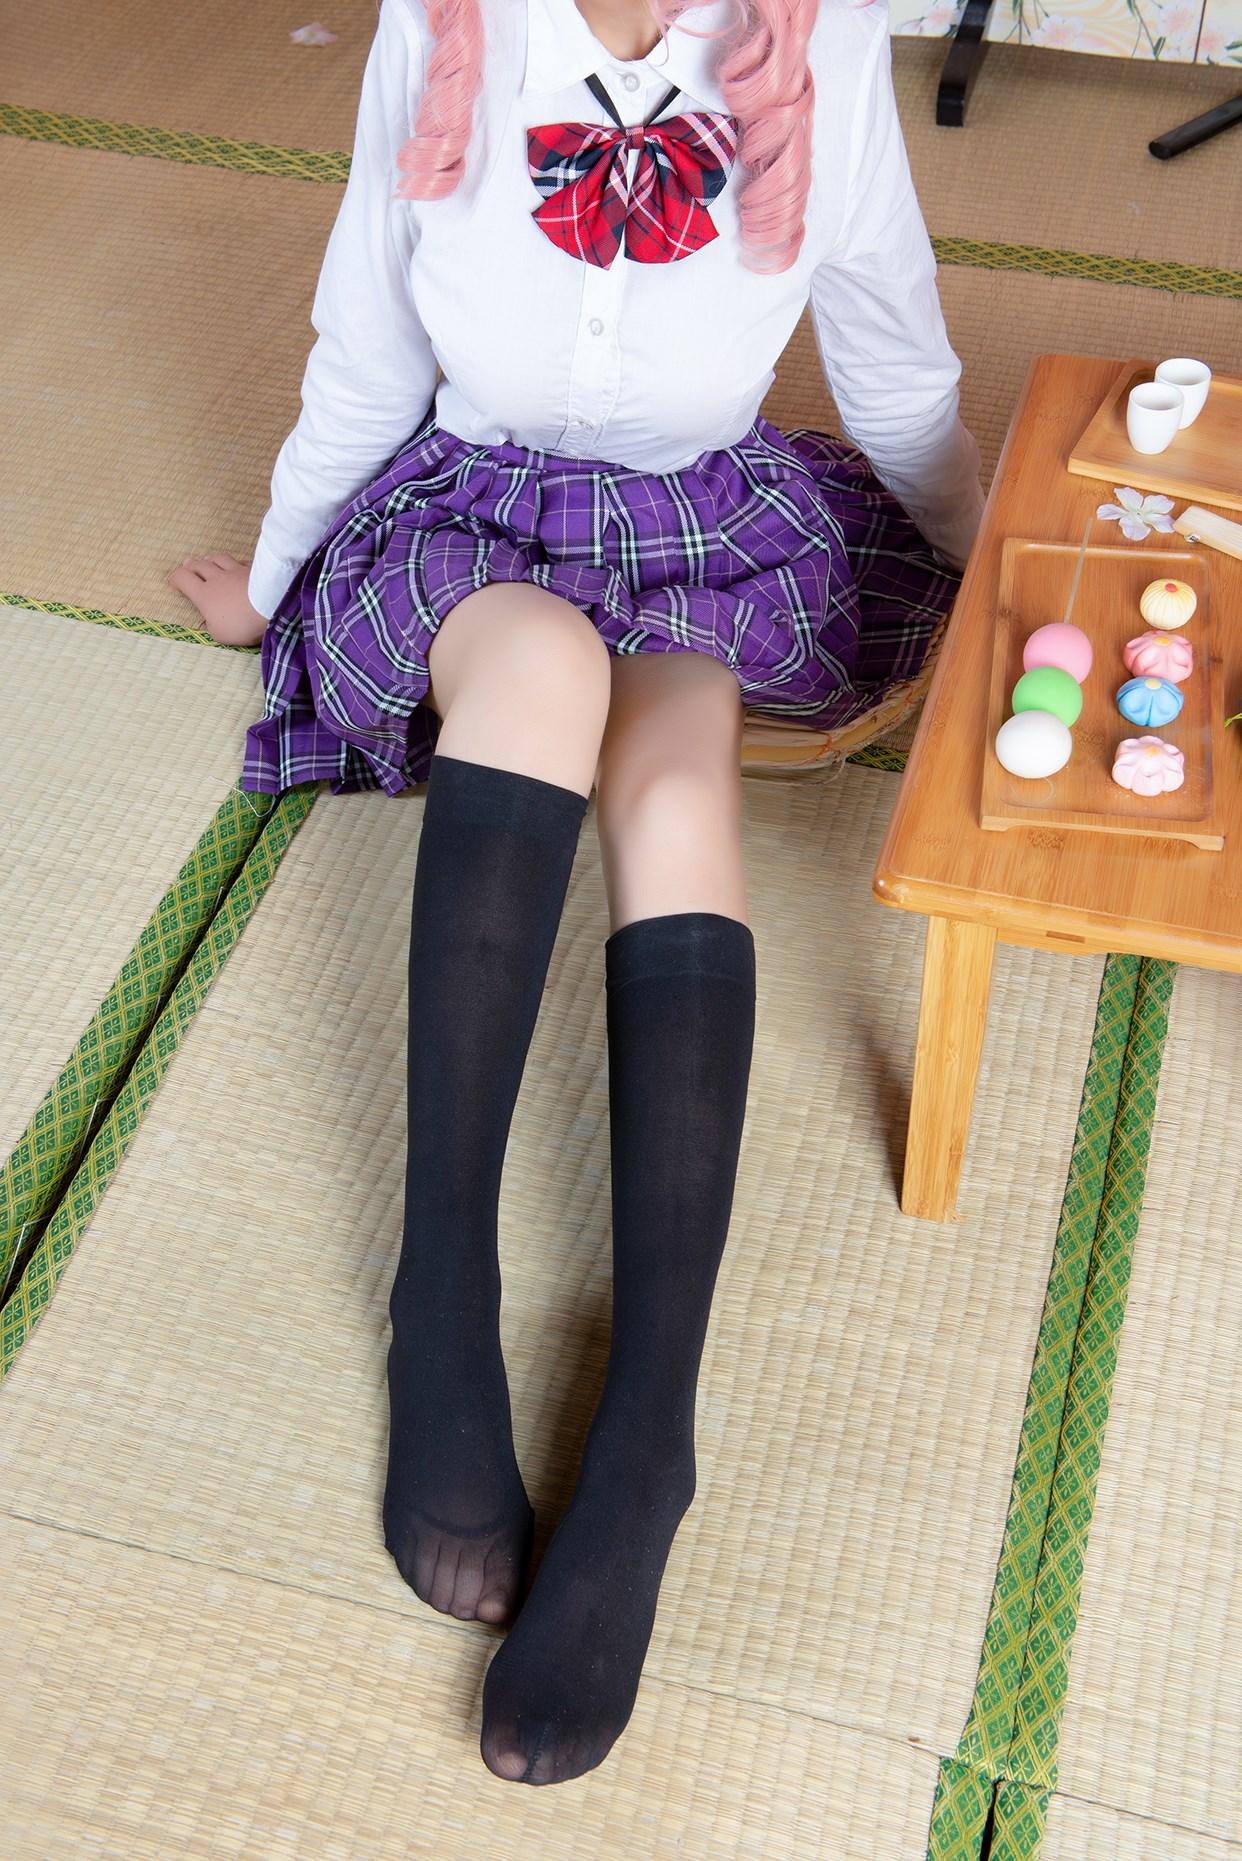 【兔玩映画】玉藻前的半筒袜 兔玩映画 第7张